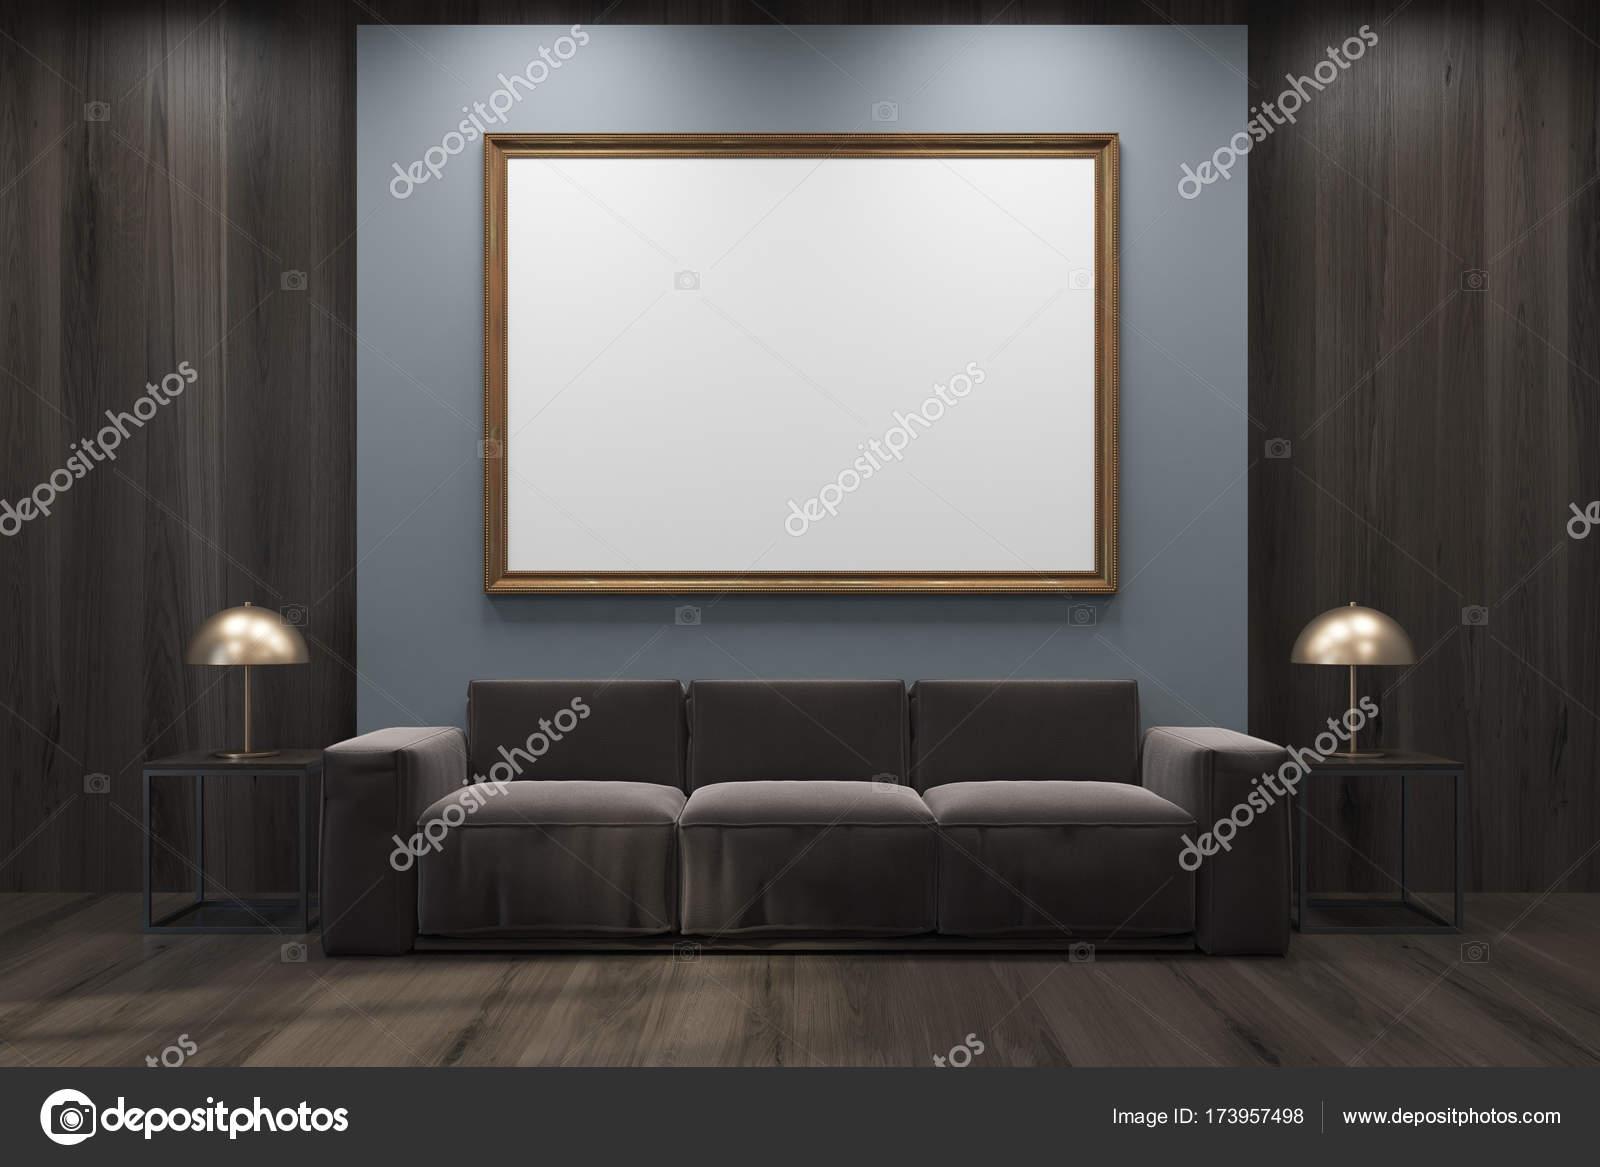 Grau und hölzerne Wohnzimmer, Sofa, gerahmte poster — Stockfoto ...